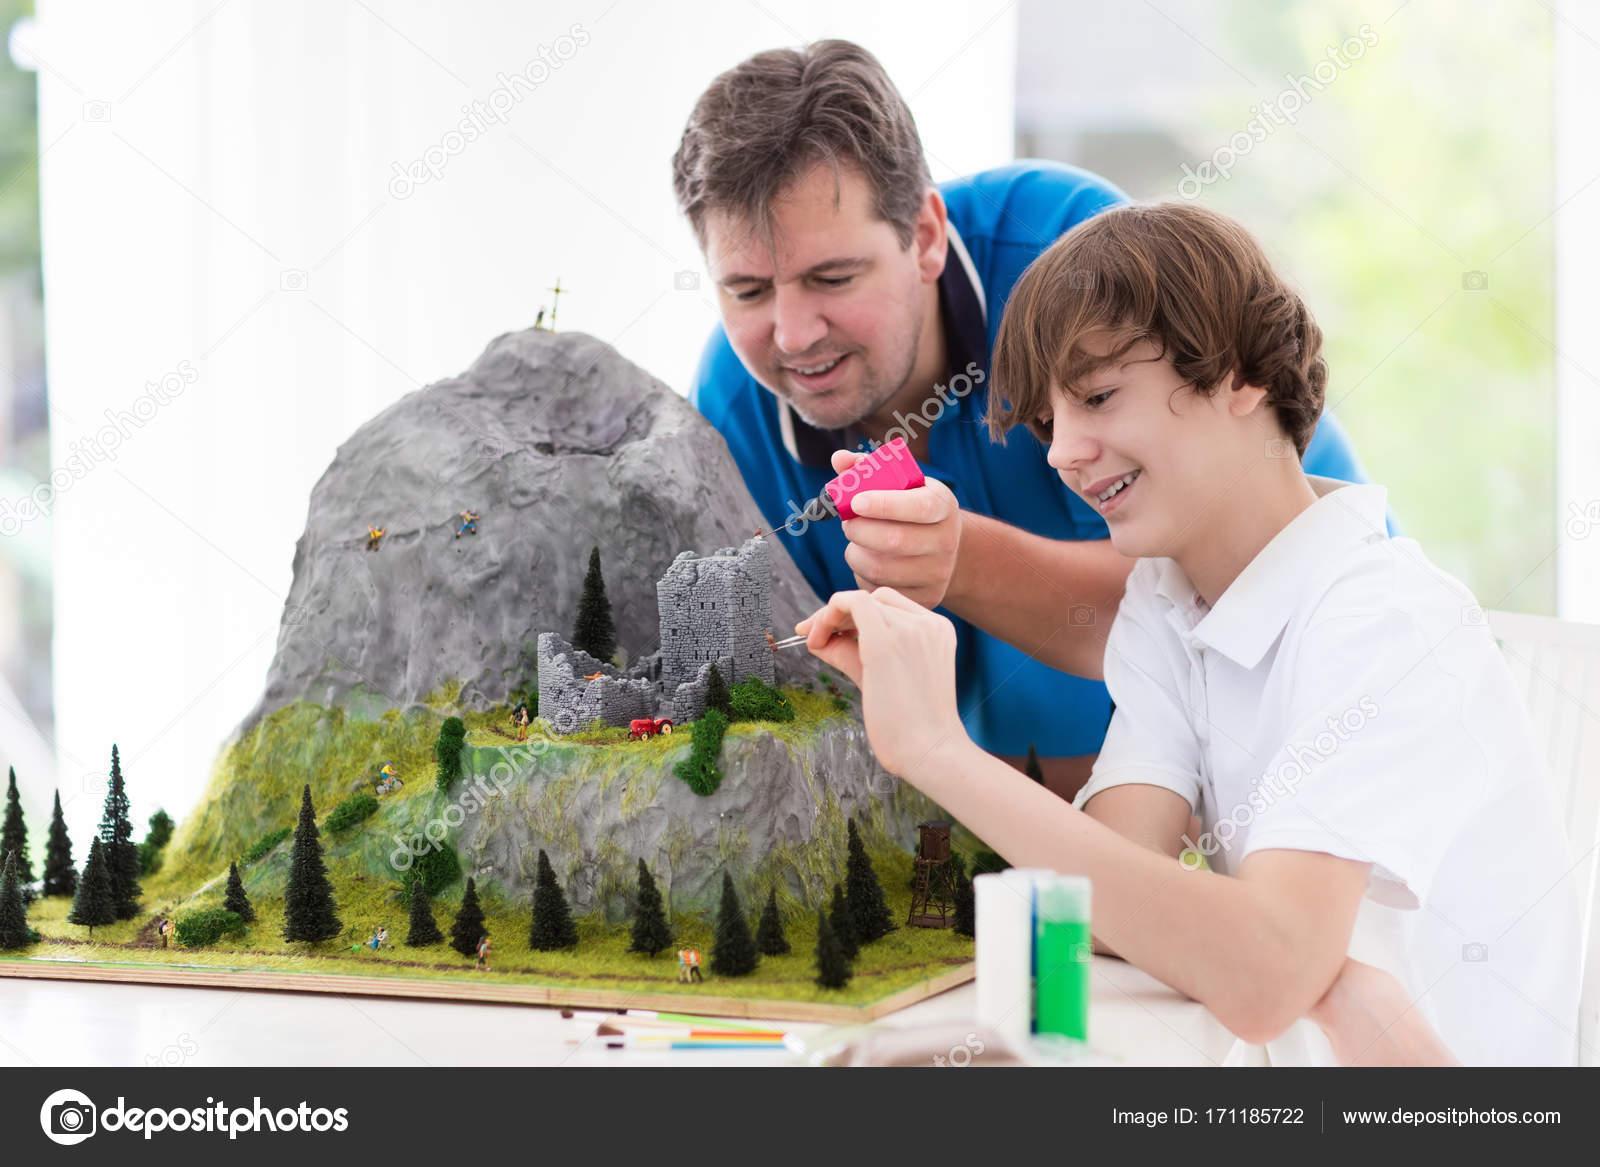 Παιδιά και γονείς οικοδομήσουμε μικρογραφία κλίμακα μοντέλο βουνού για  κατηγορία γεωγραφίας. Εξωσχολικές δραστηριότητες και χόμπι του οικογένεια. f2477a610dd